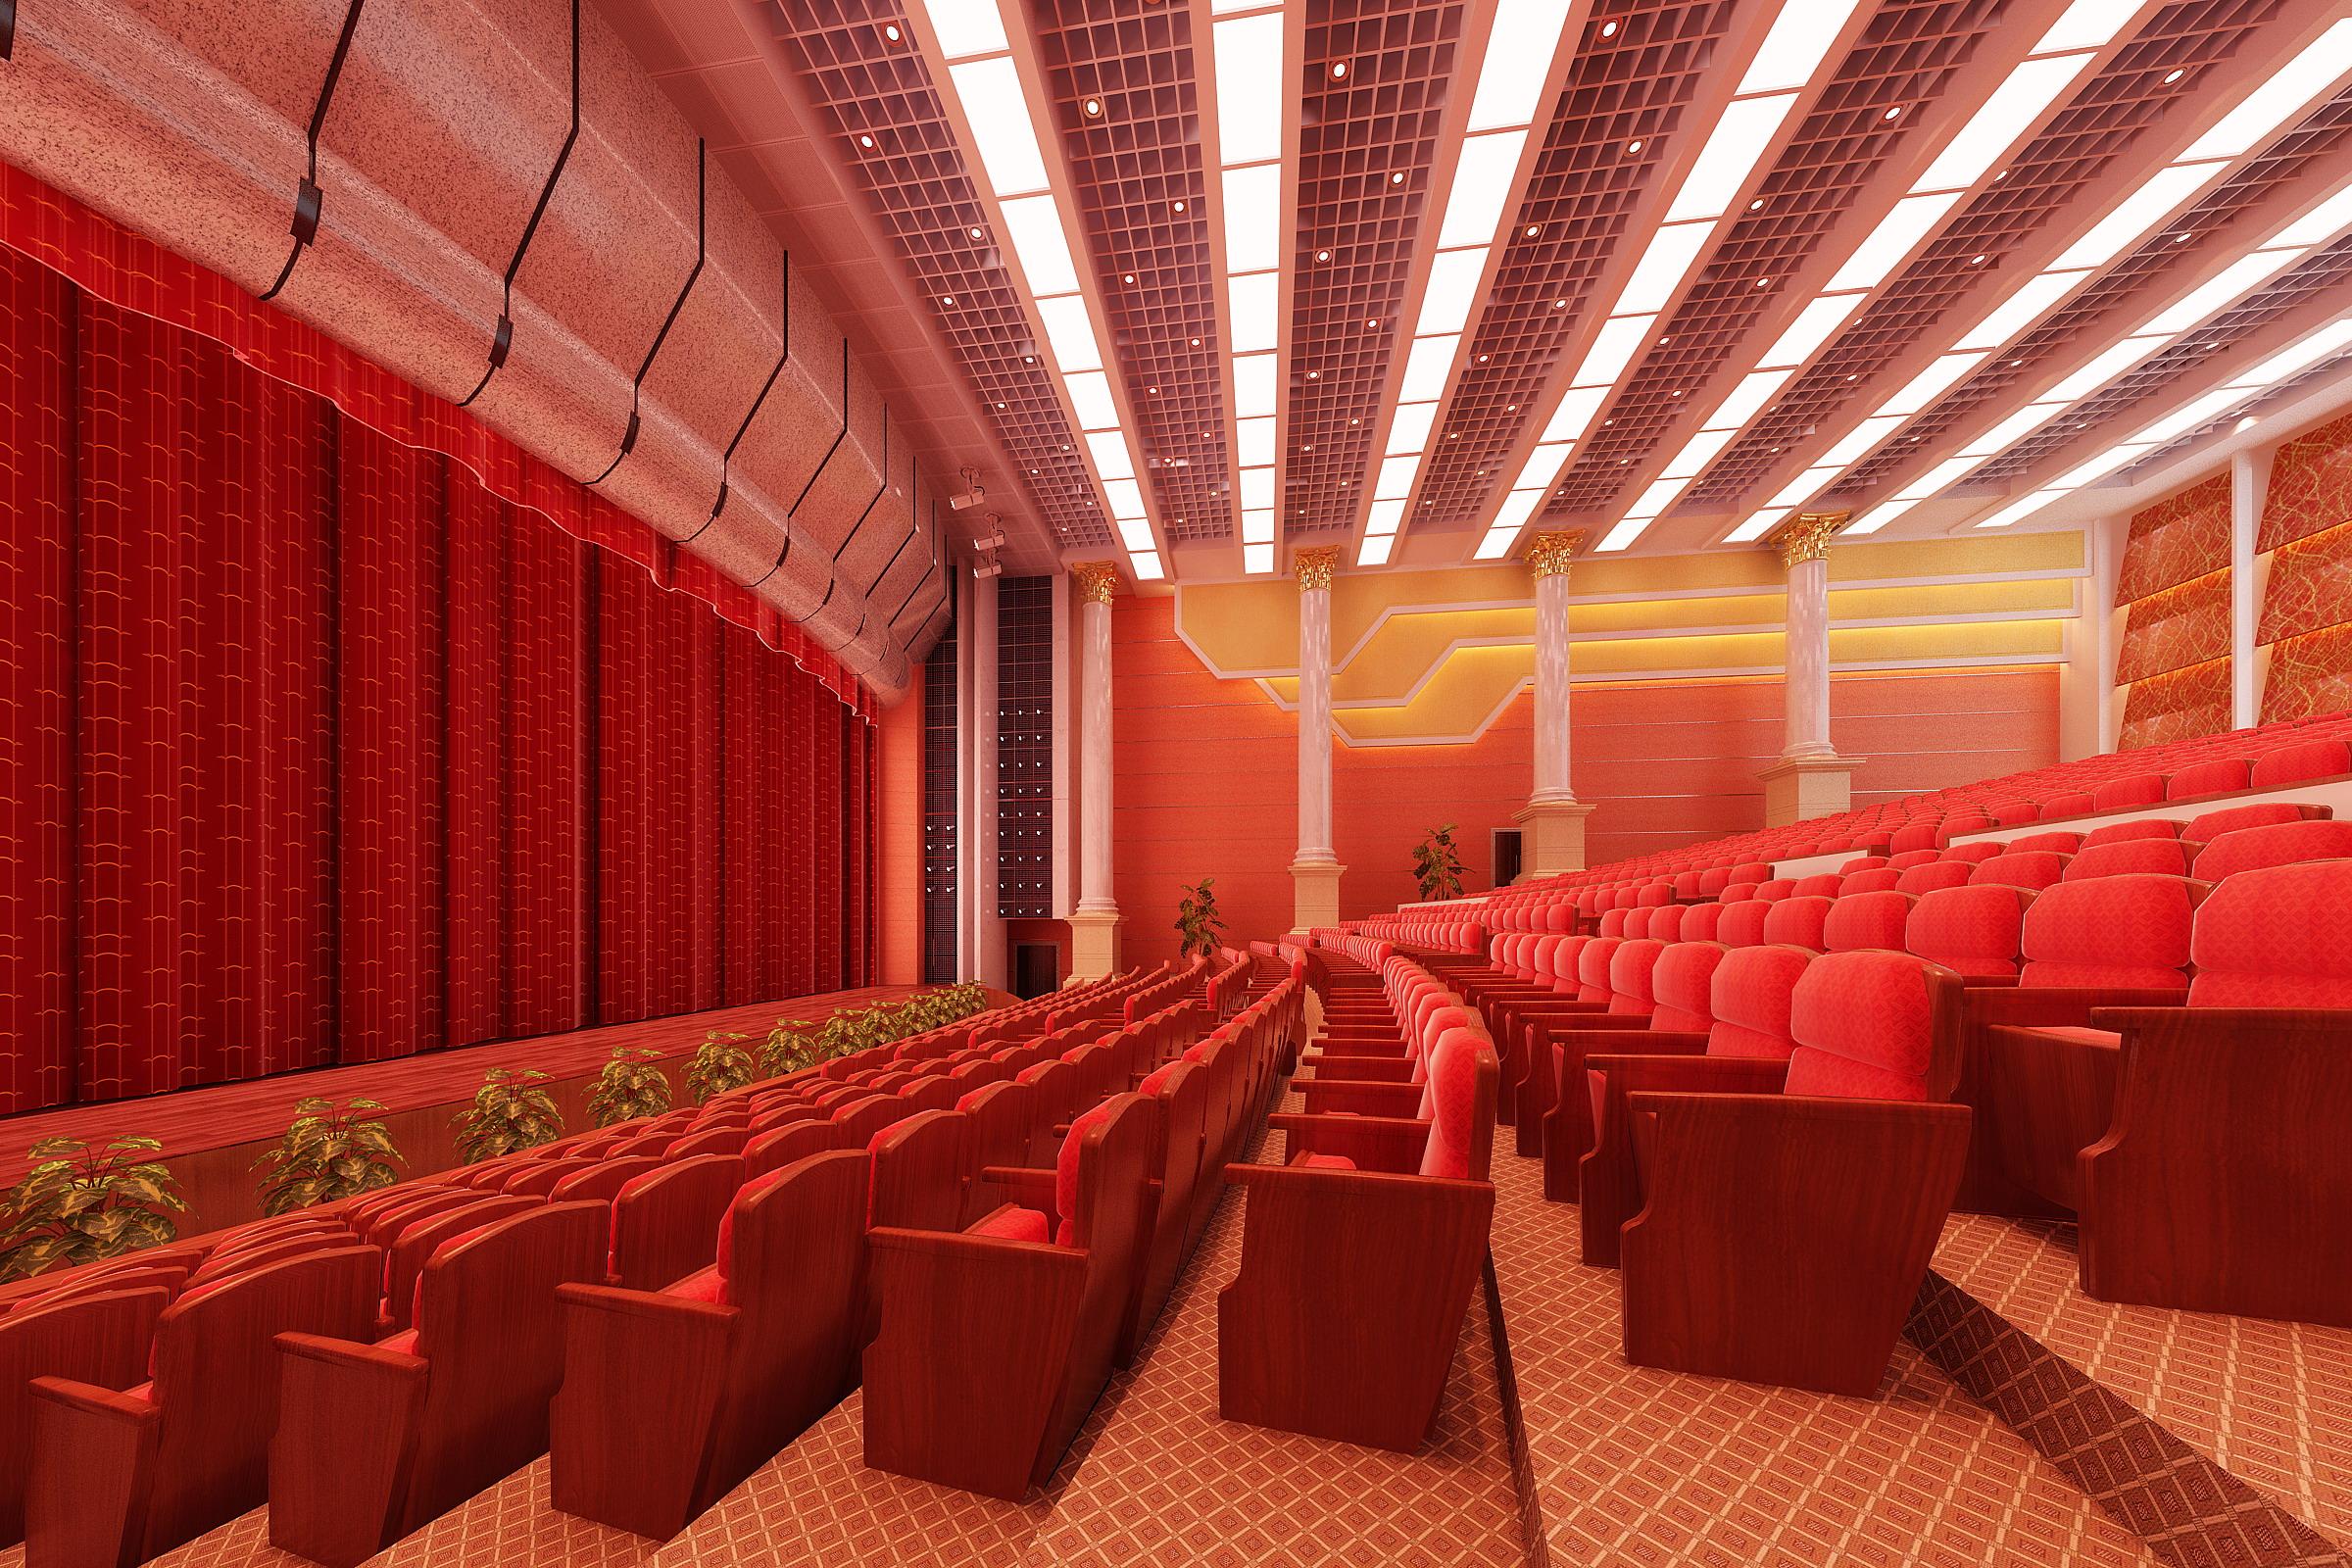 auditorium room 008 3d model max 125444